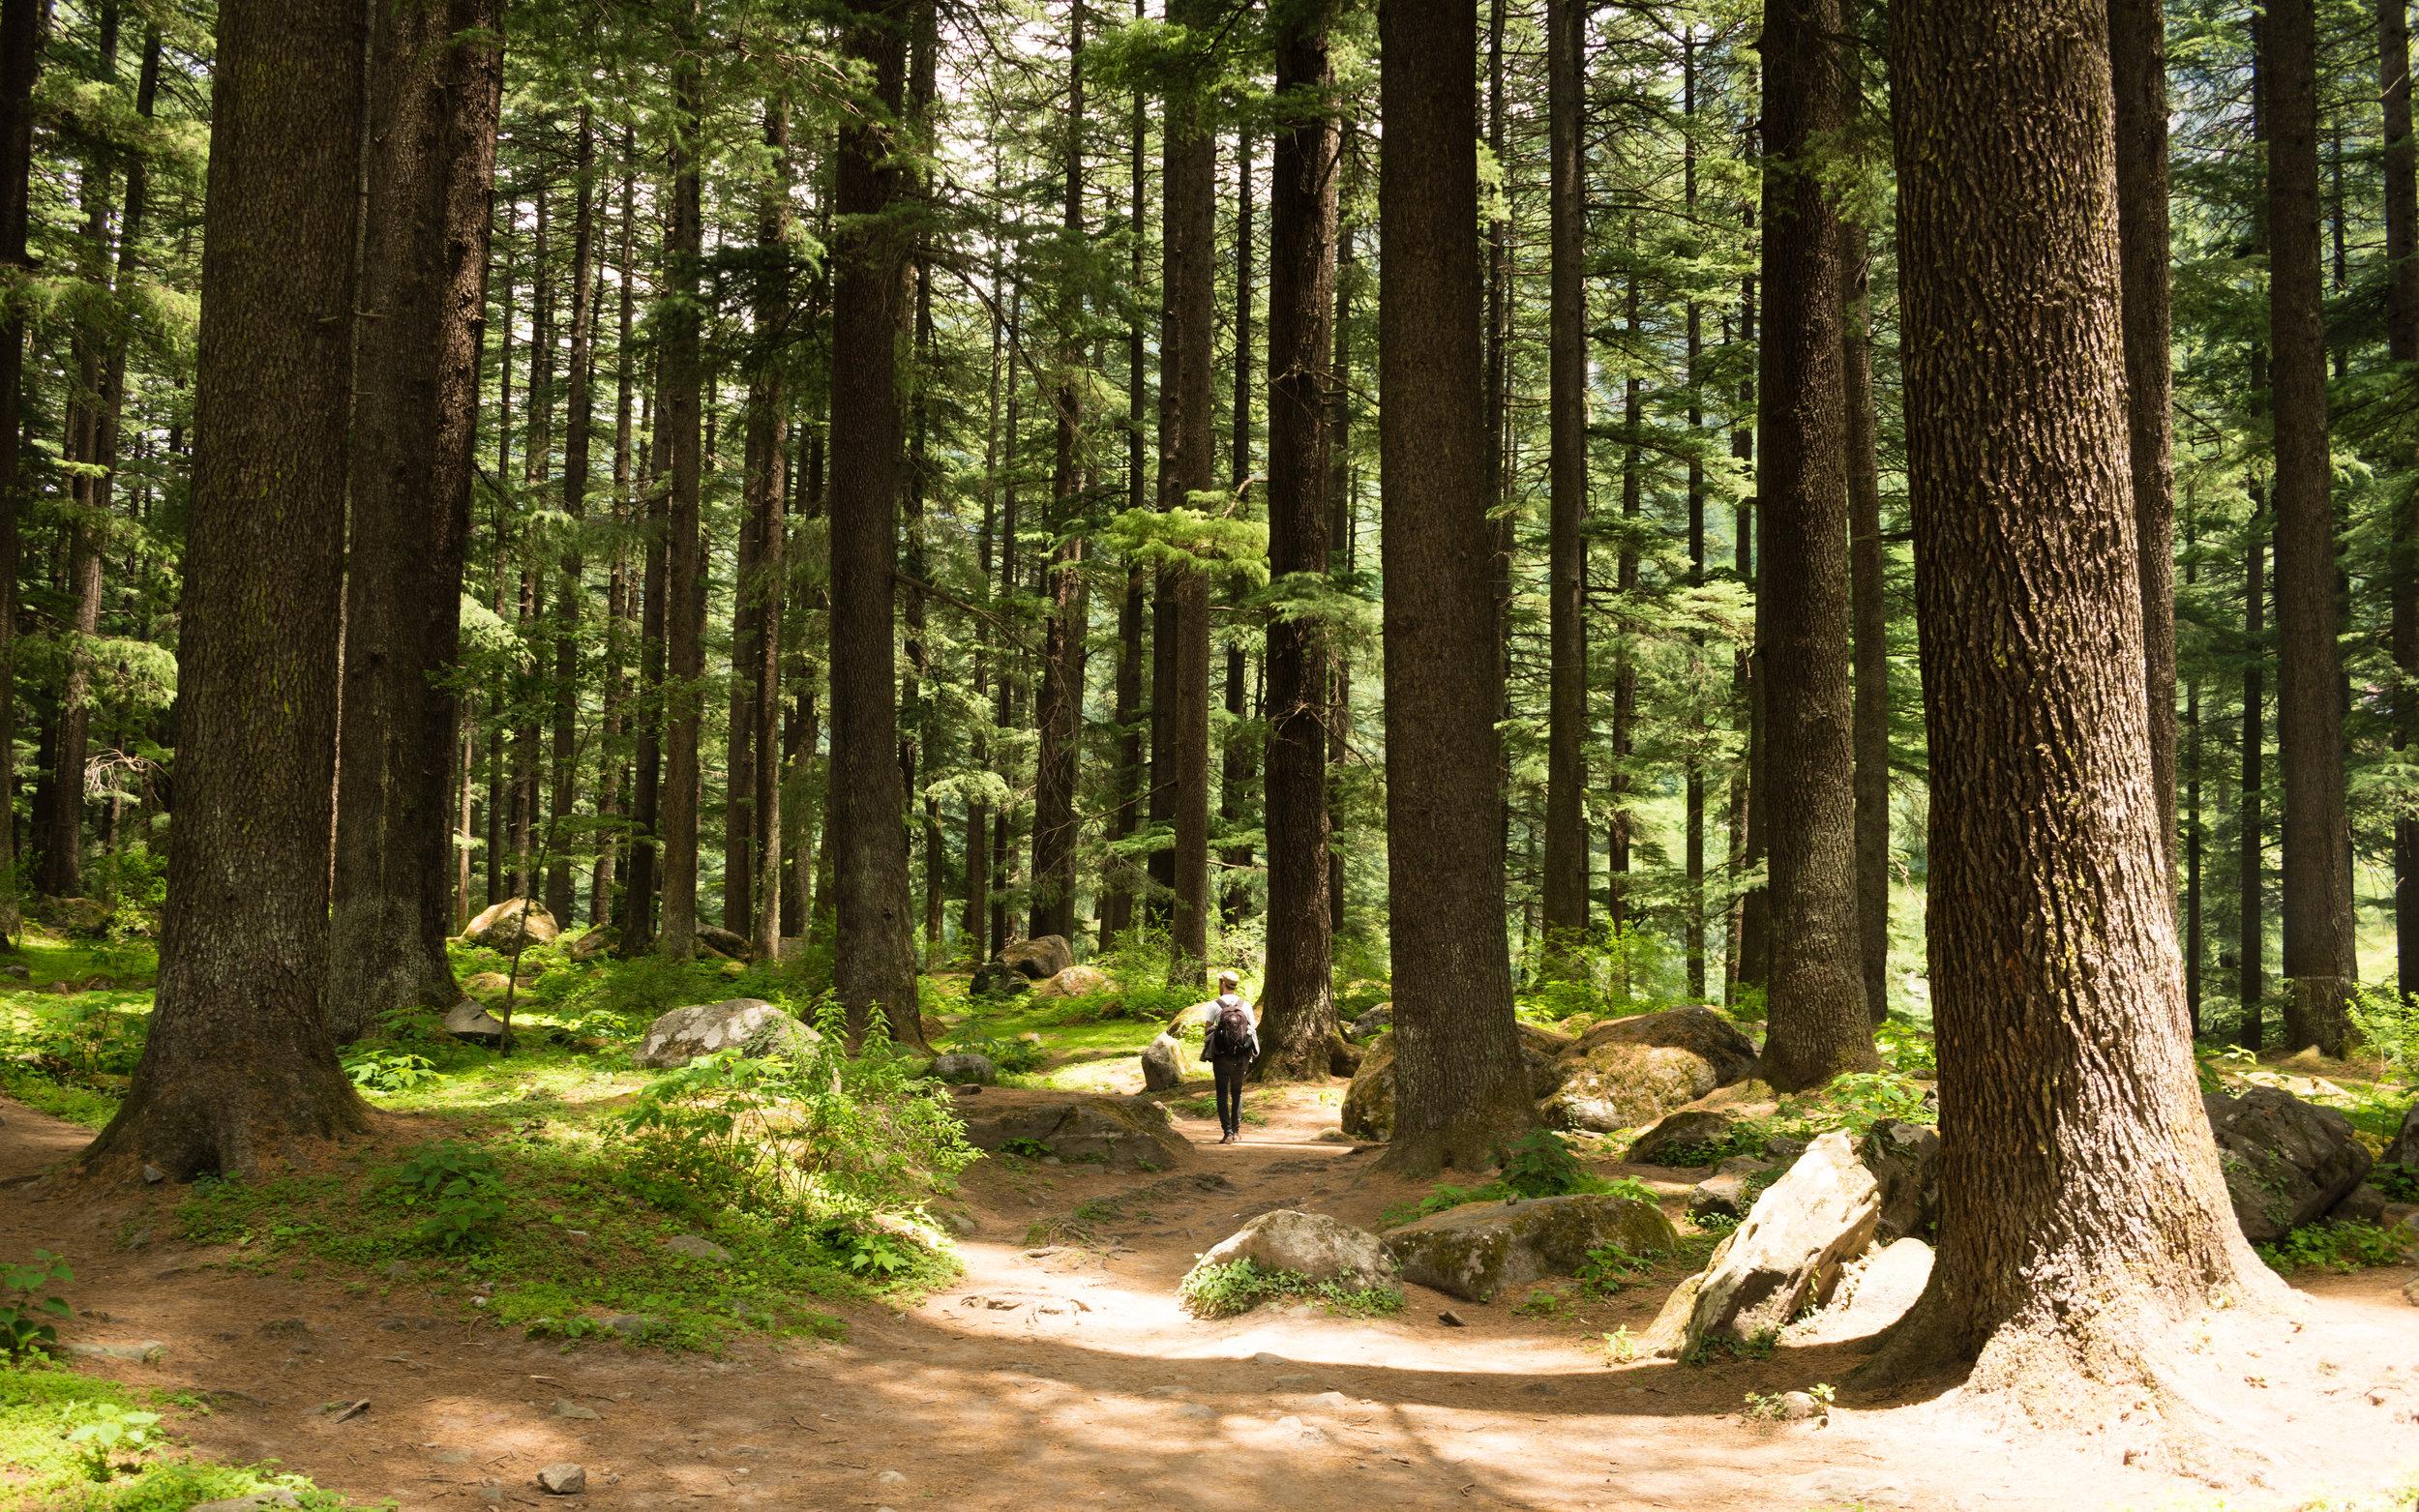 Craig Walking Through Cedar Forest In Manali, India